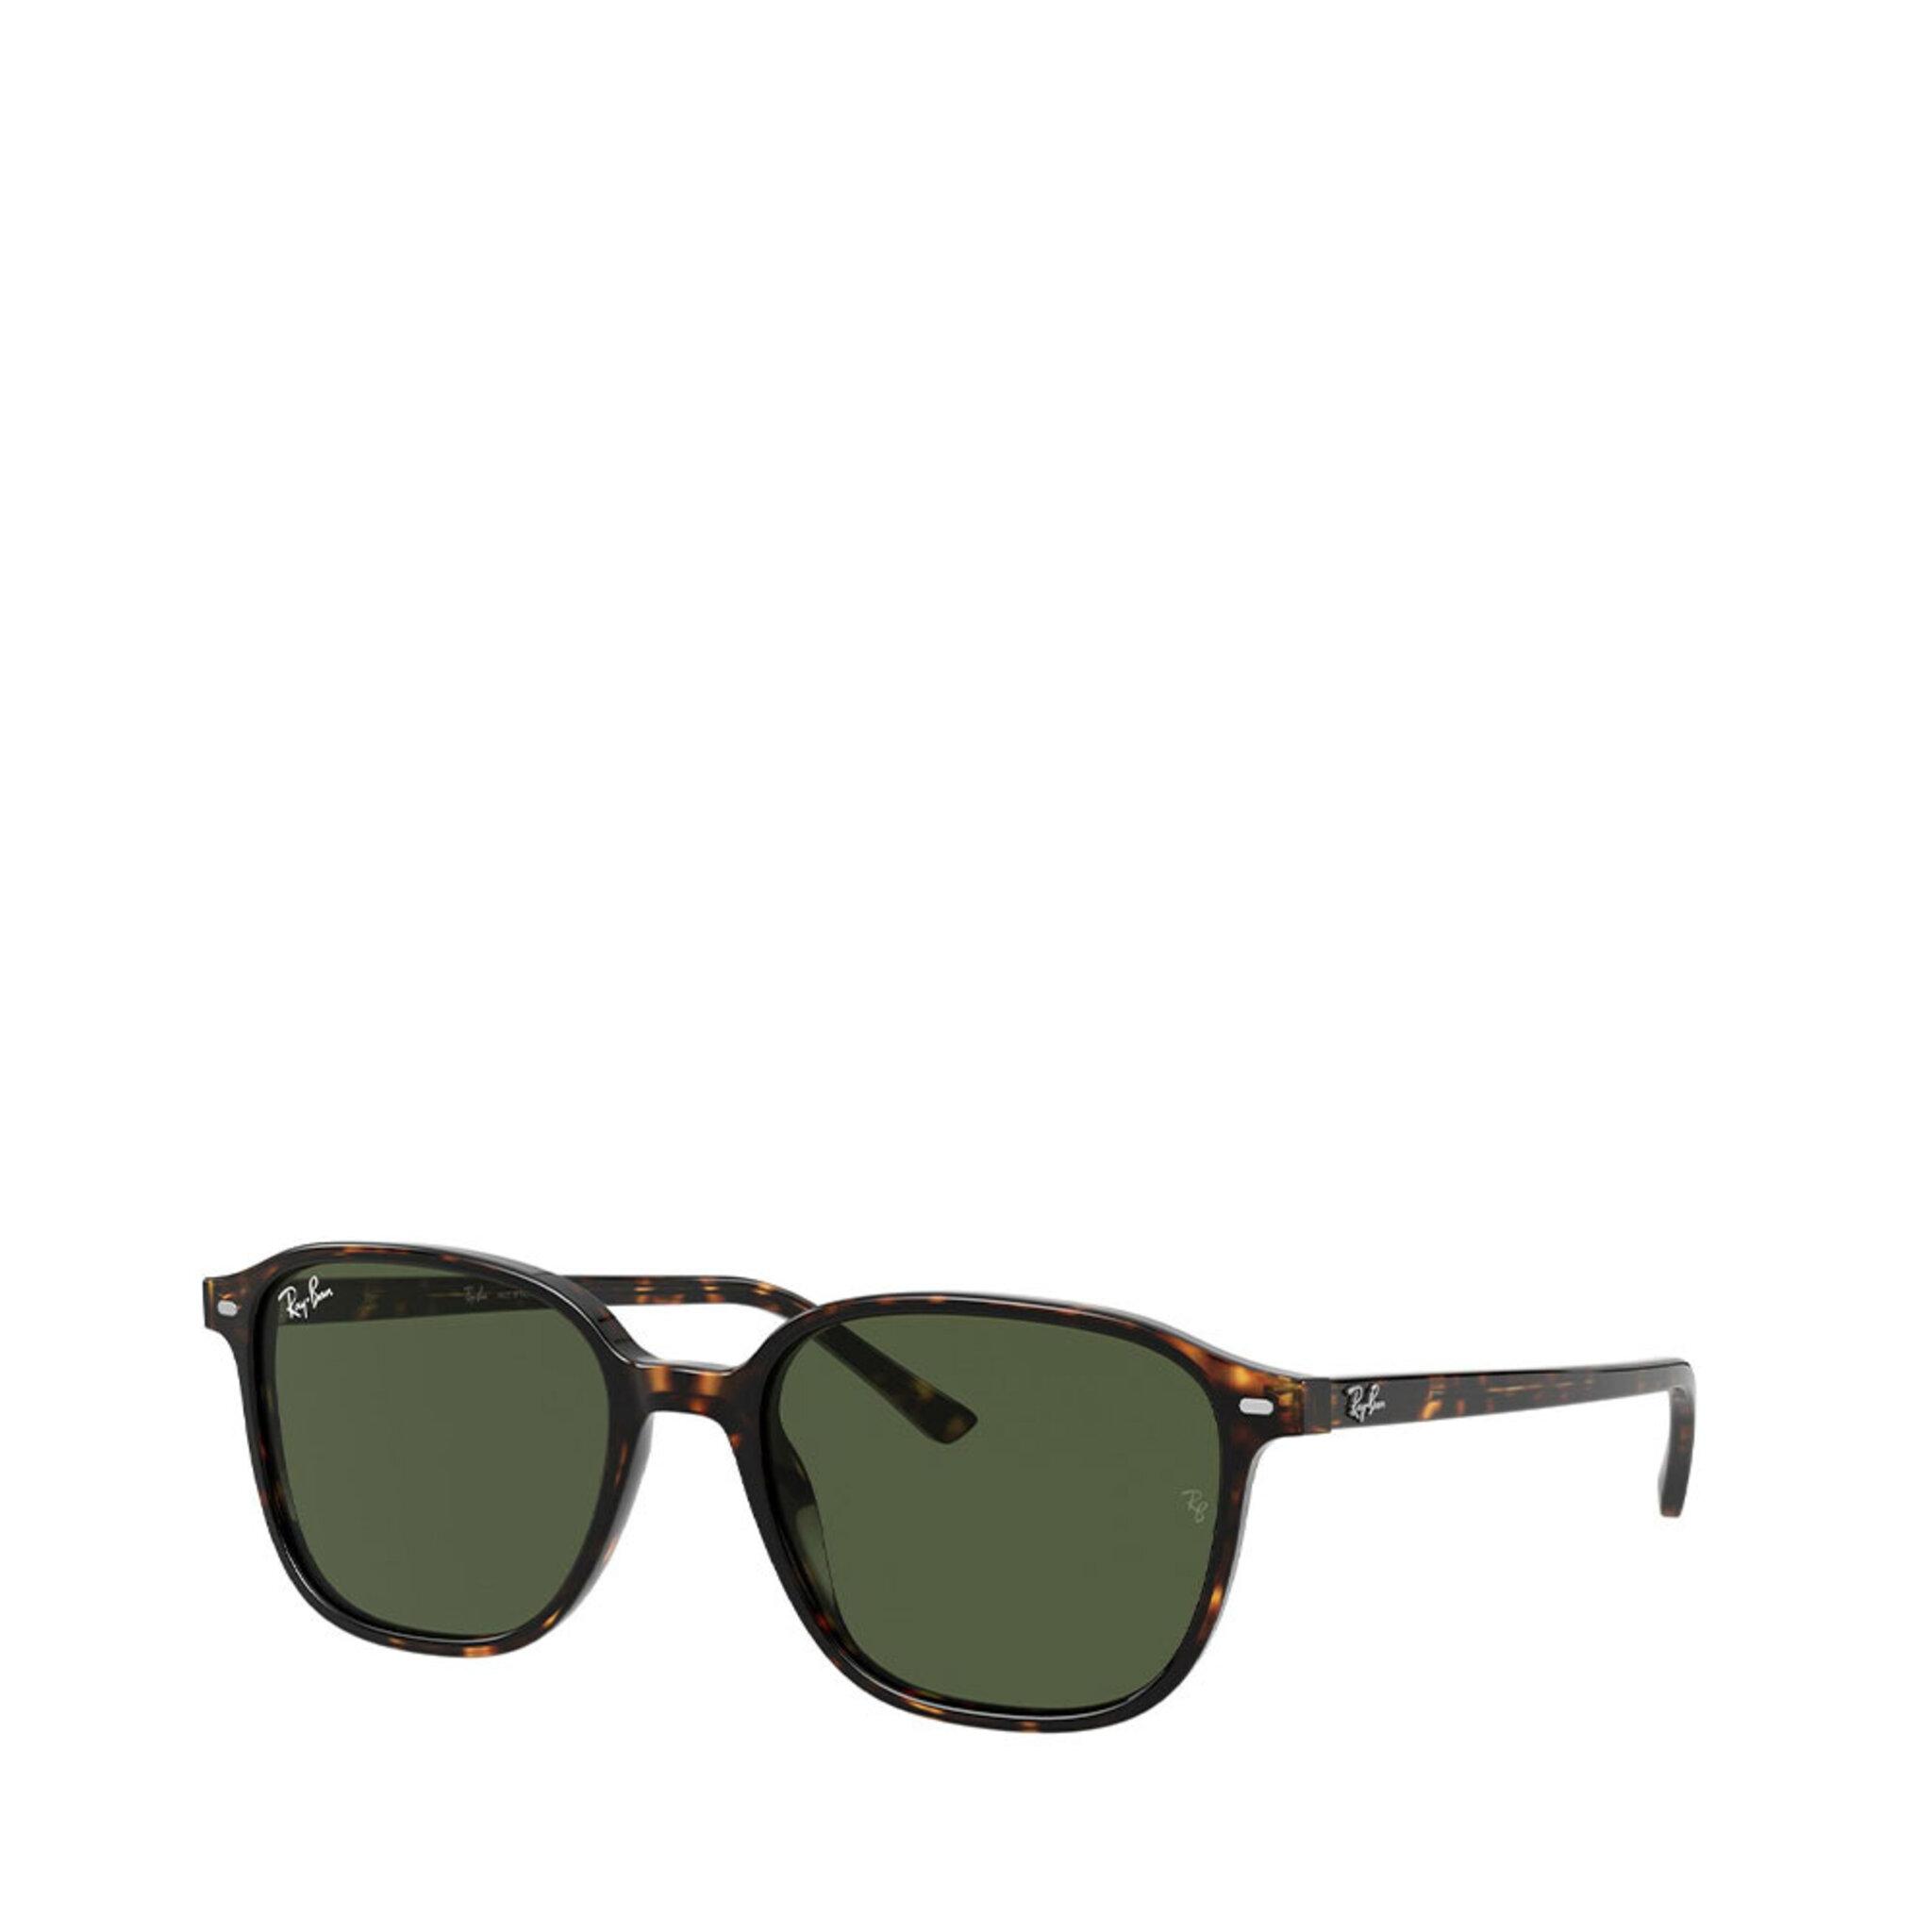 Solglasögon LEONARD